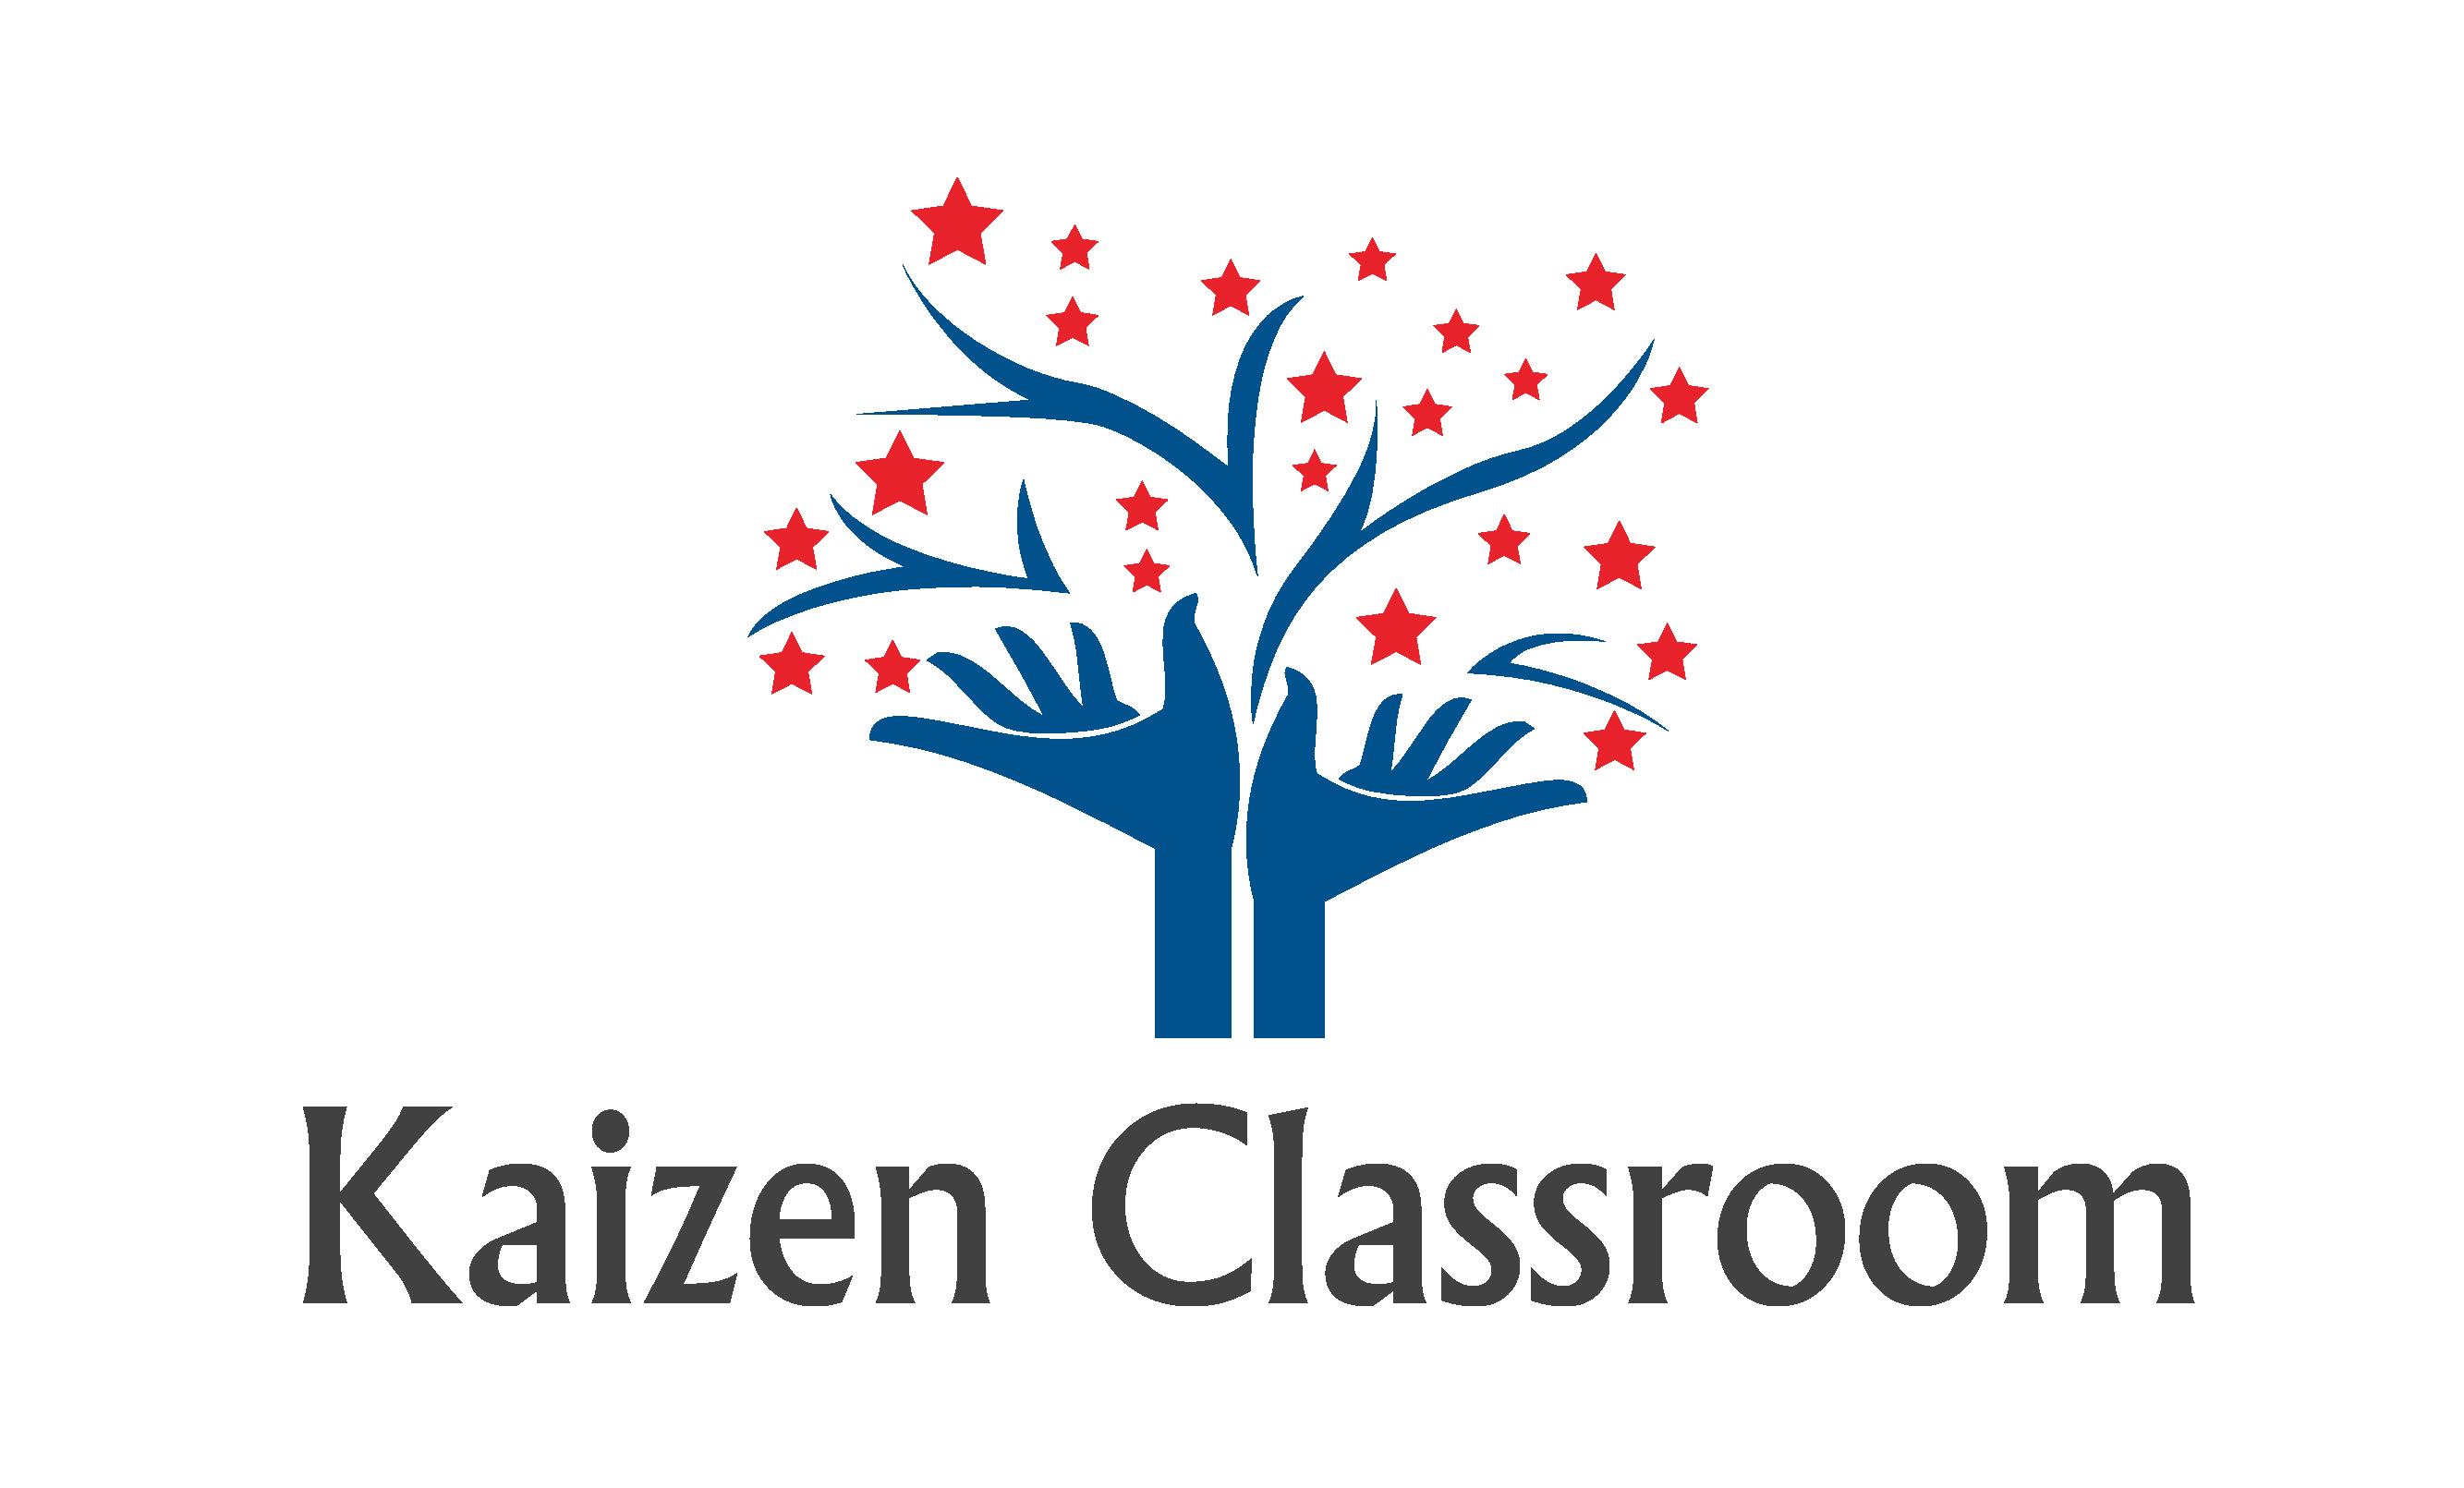 Kaizen Classroom